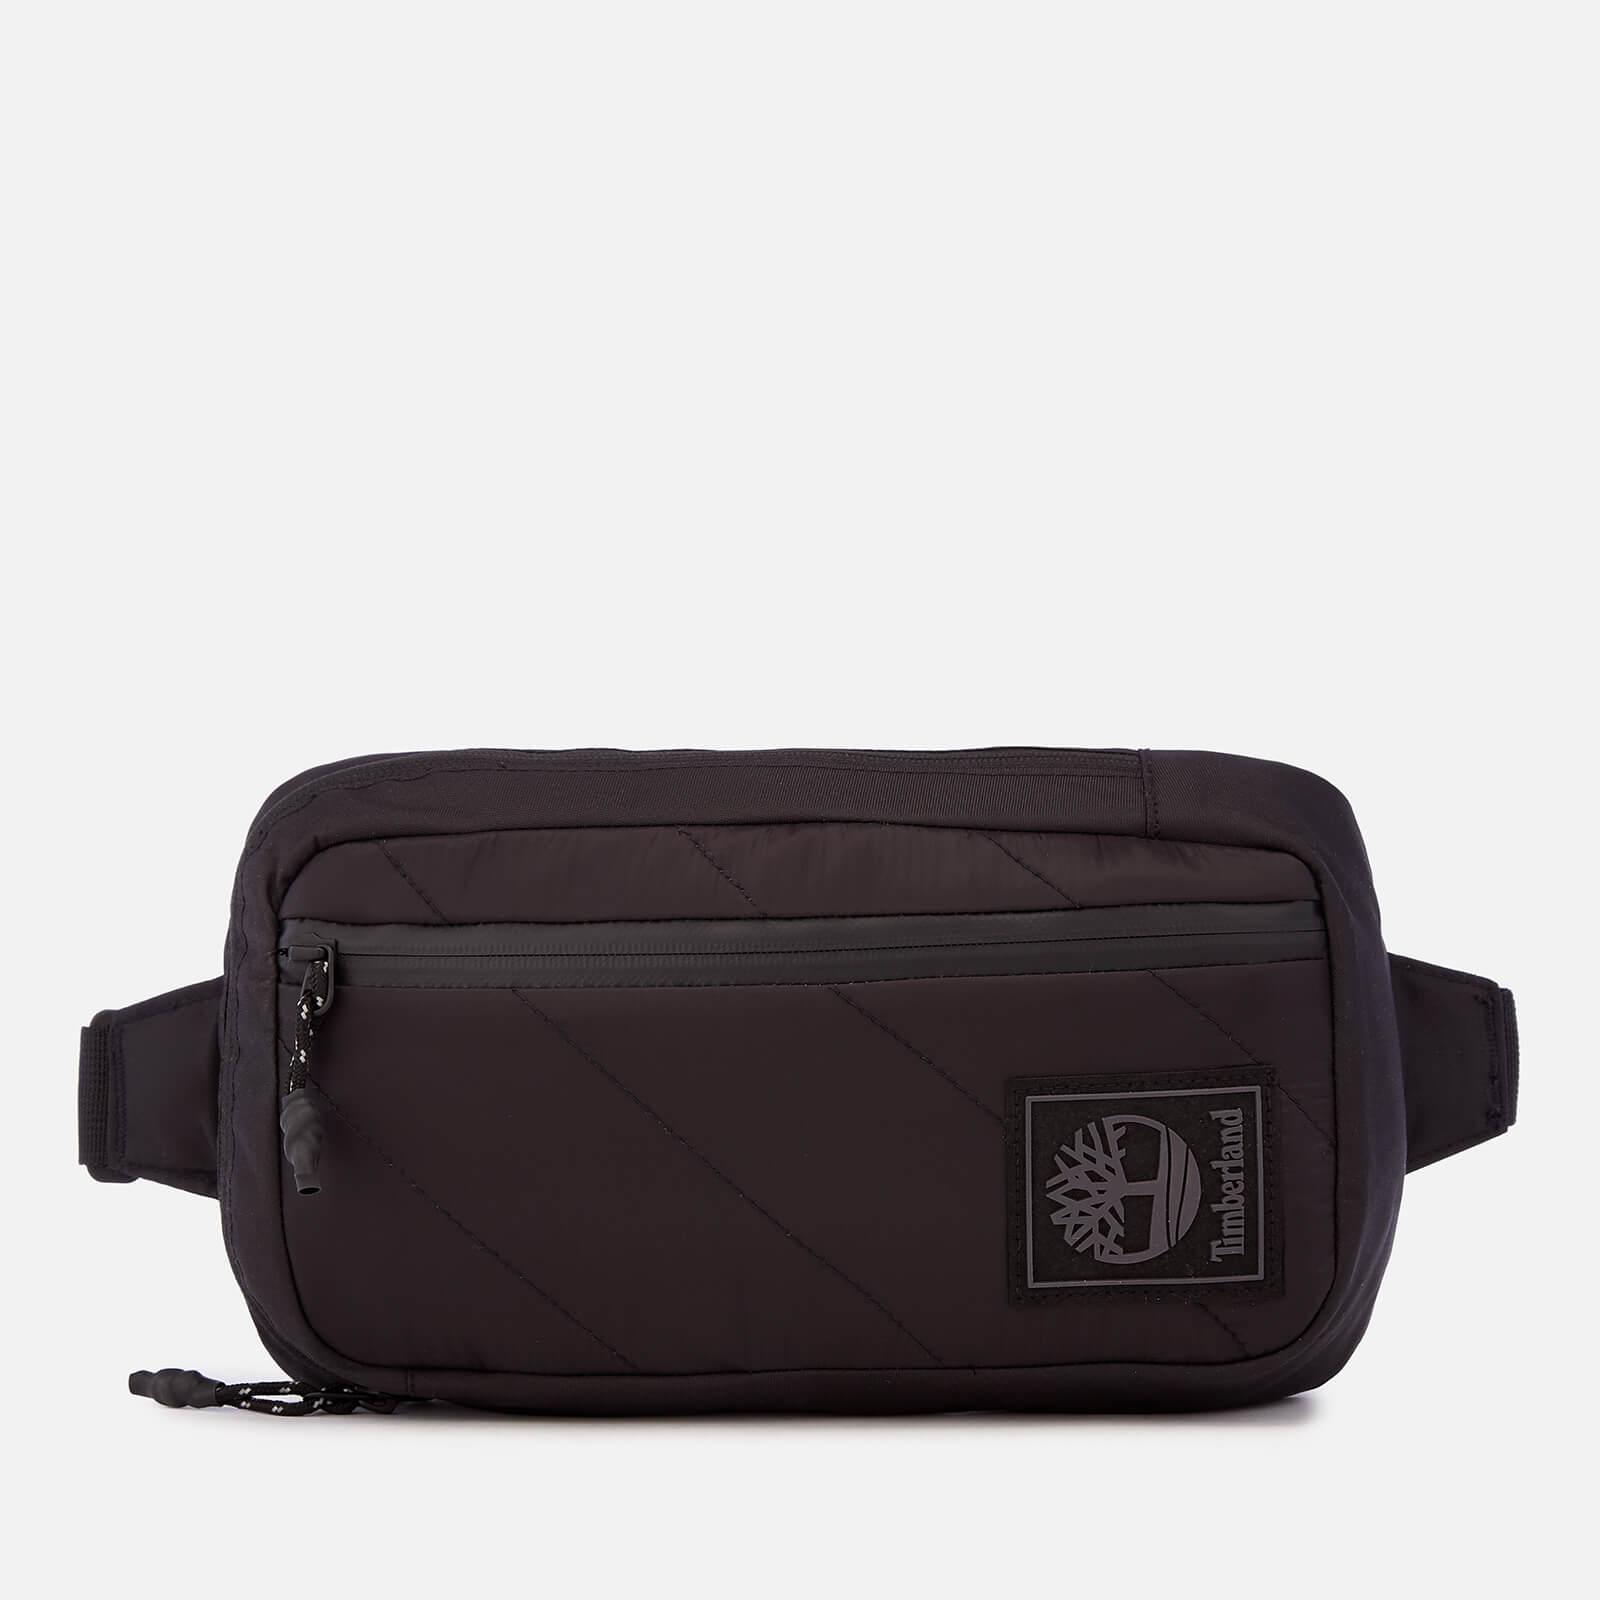 747c553d3a Timberland Men's Sling Bag - Black Mens Accessories | TheHut.com